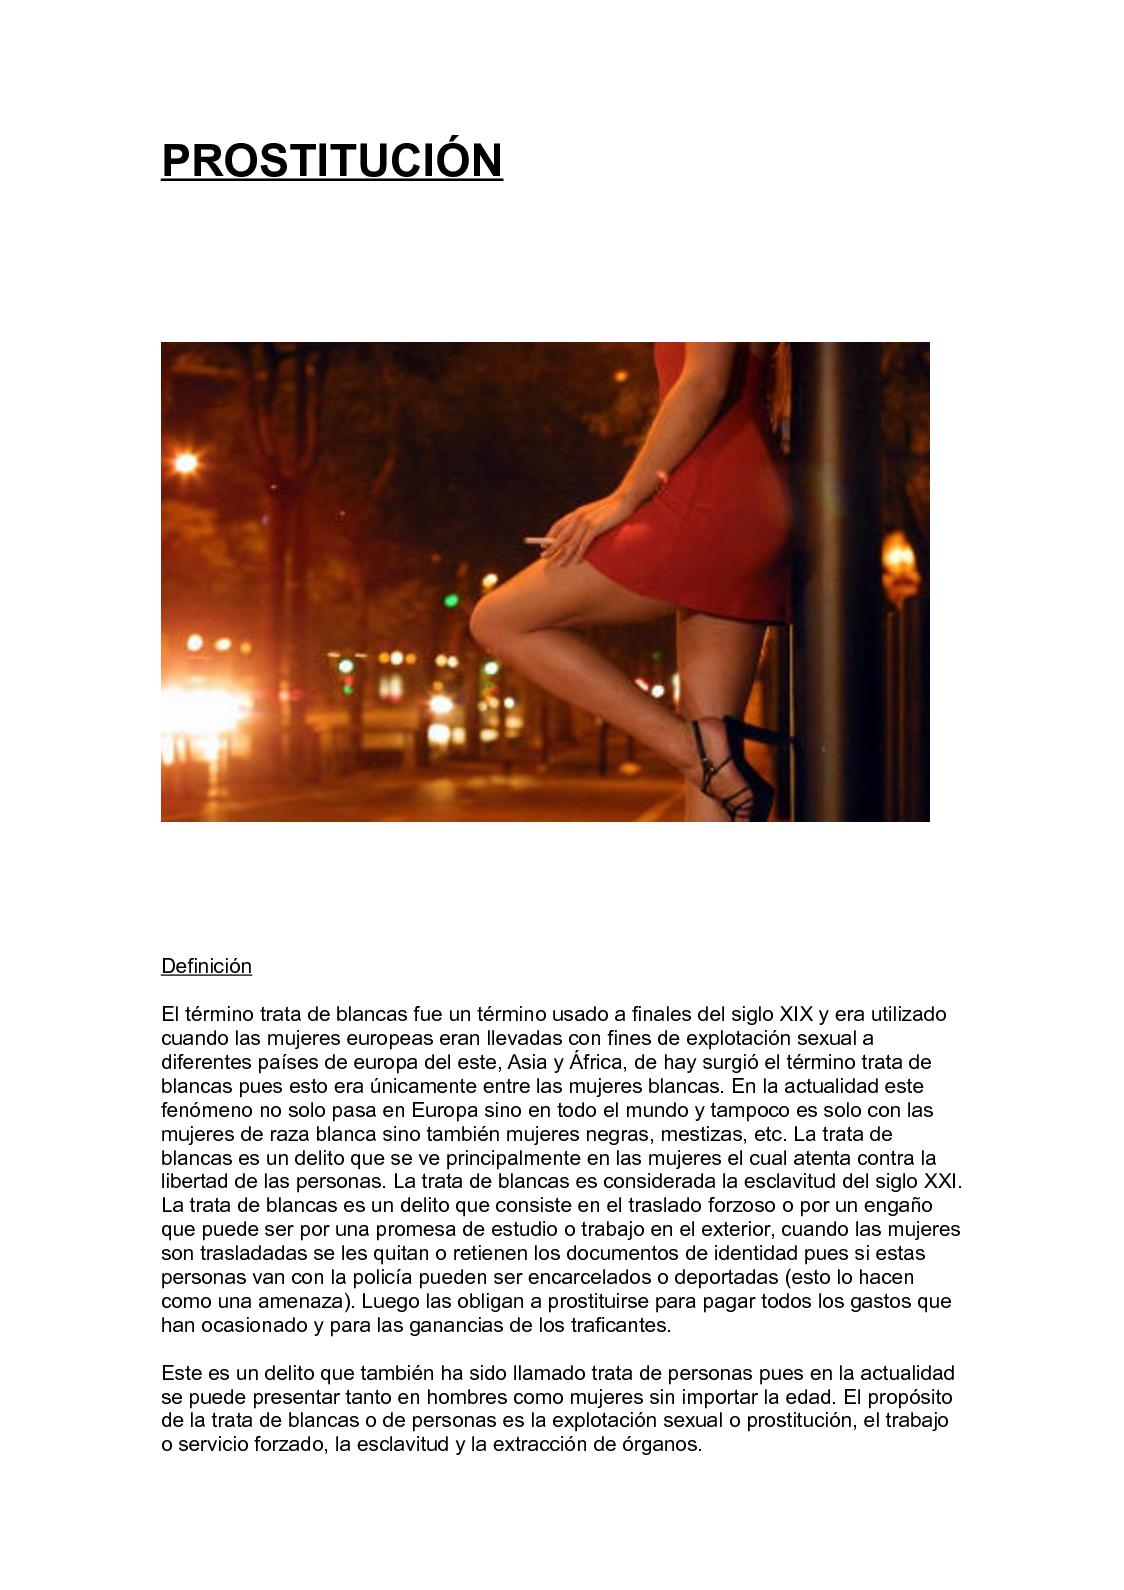 prostitutas nacionalidad que quiere decir estereotipo